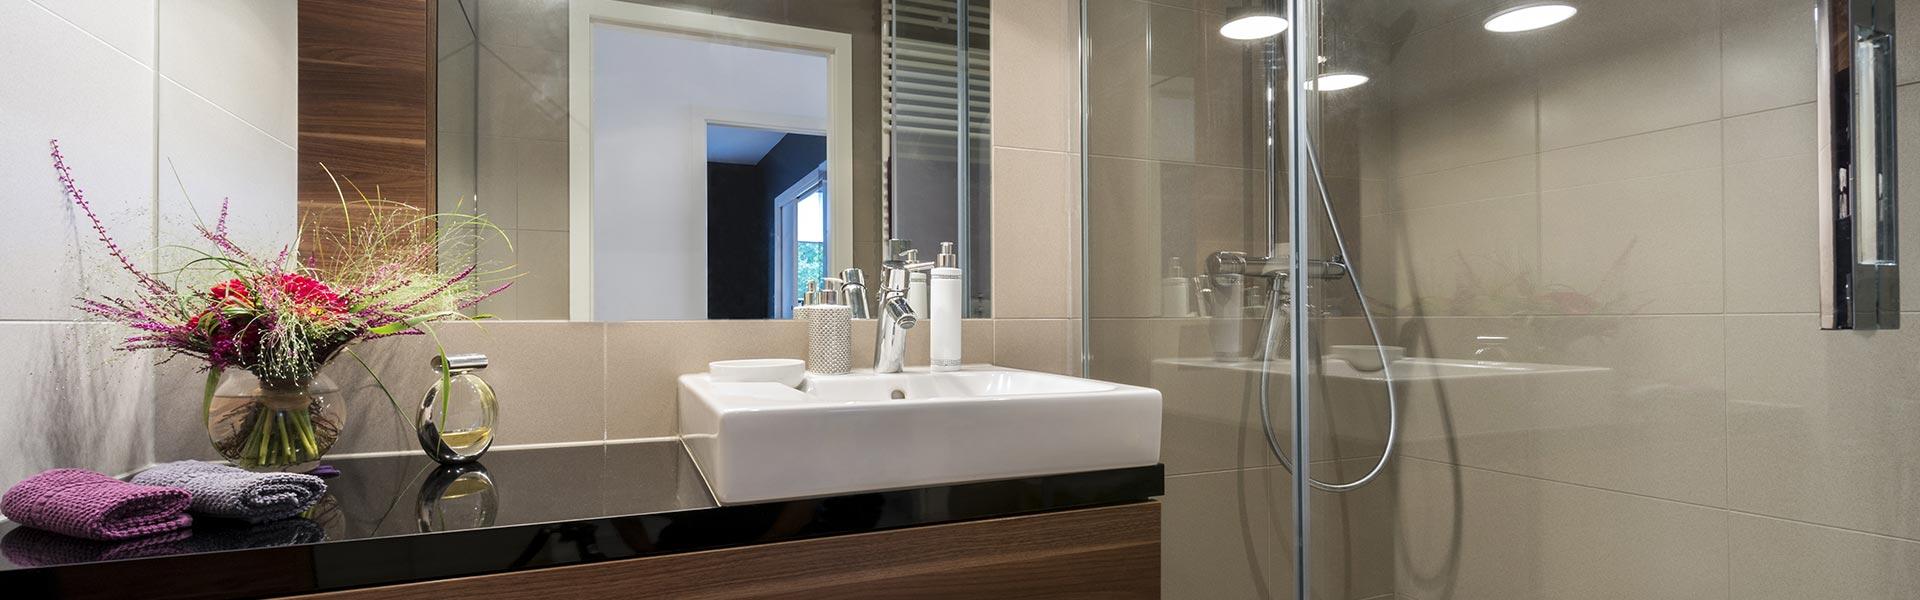 Salle de bains clé en main Lyon Negoce Carrelage à Jons